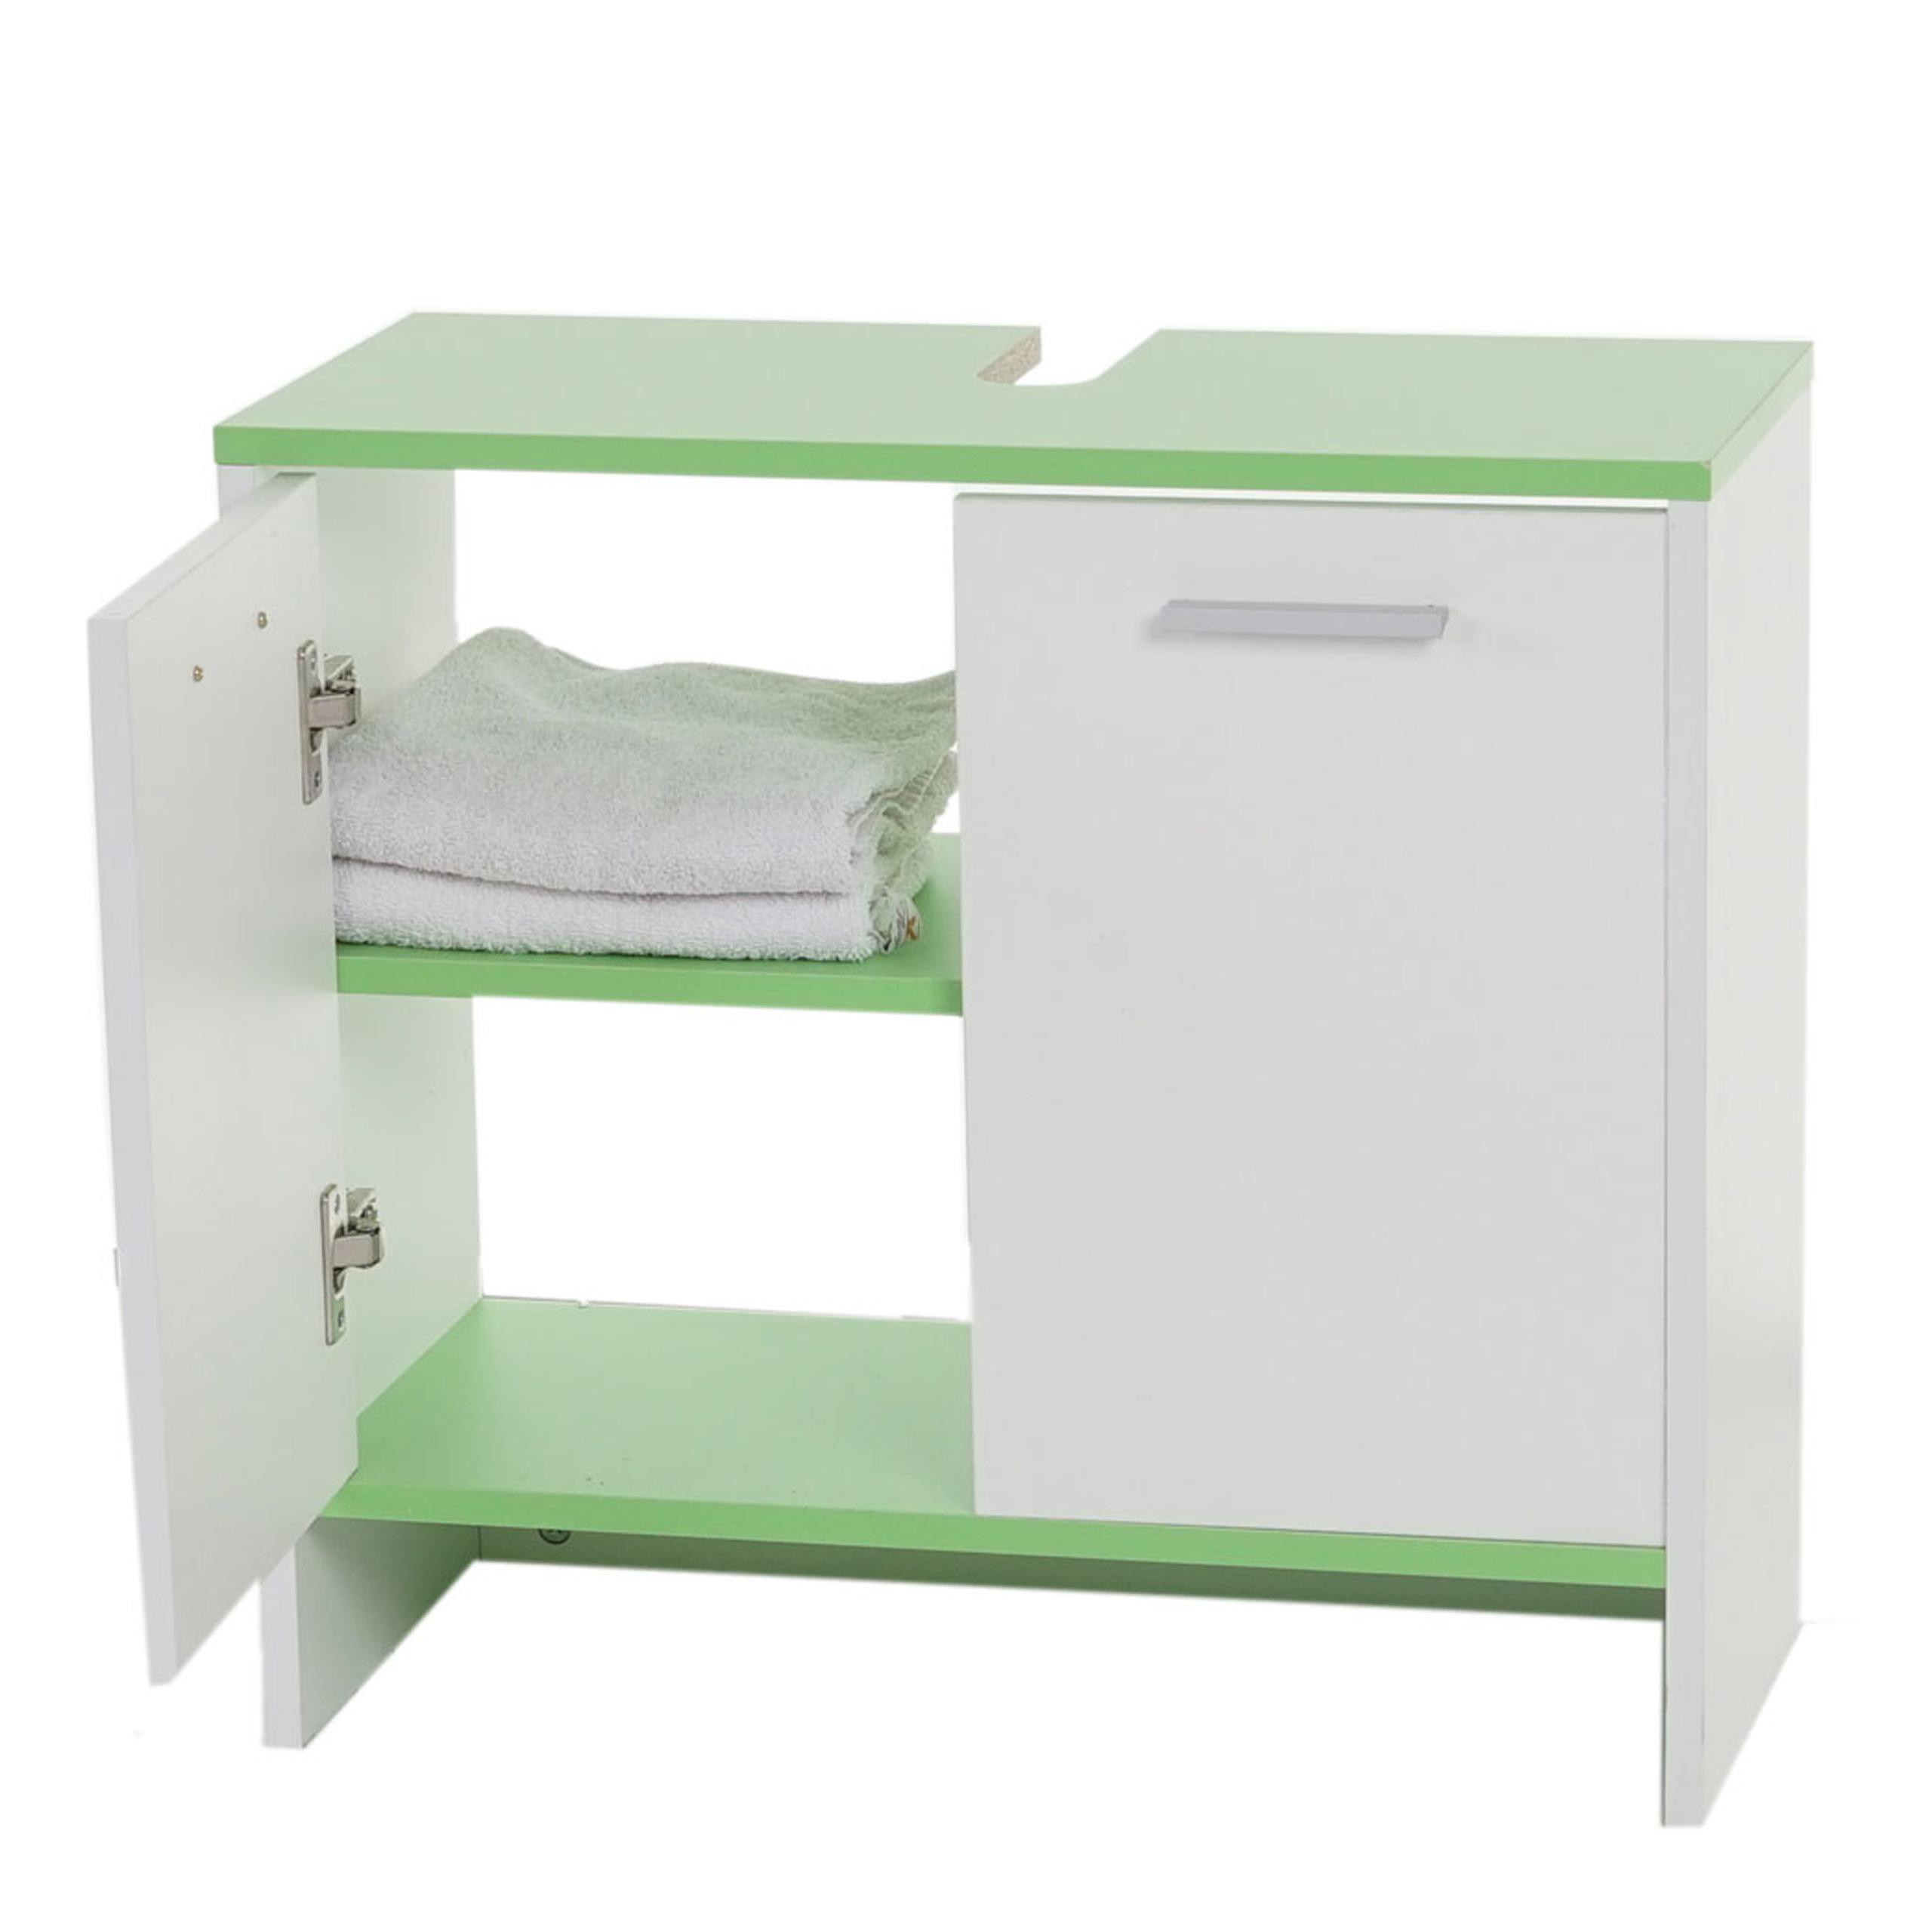 waschbeckenunterschrank arezzo badschrank 56x60x28cm wei b den gr n. Black Bedroom Furniture Sets. Home Design Ideas